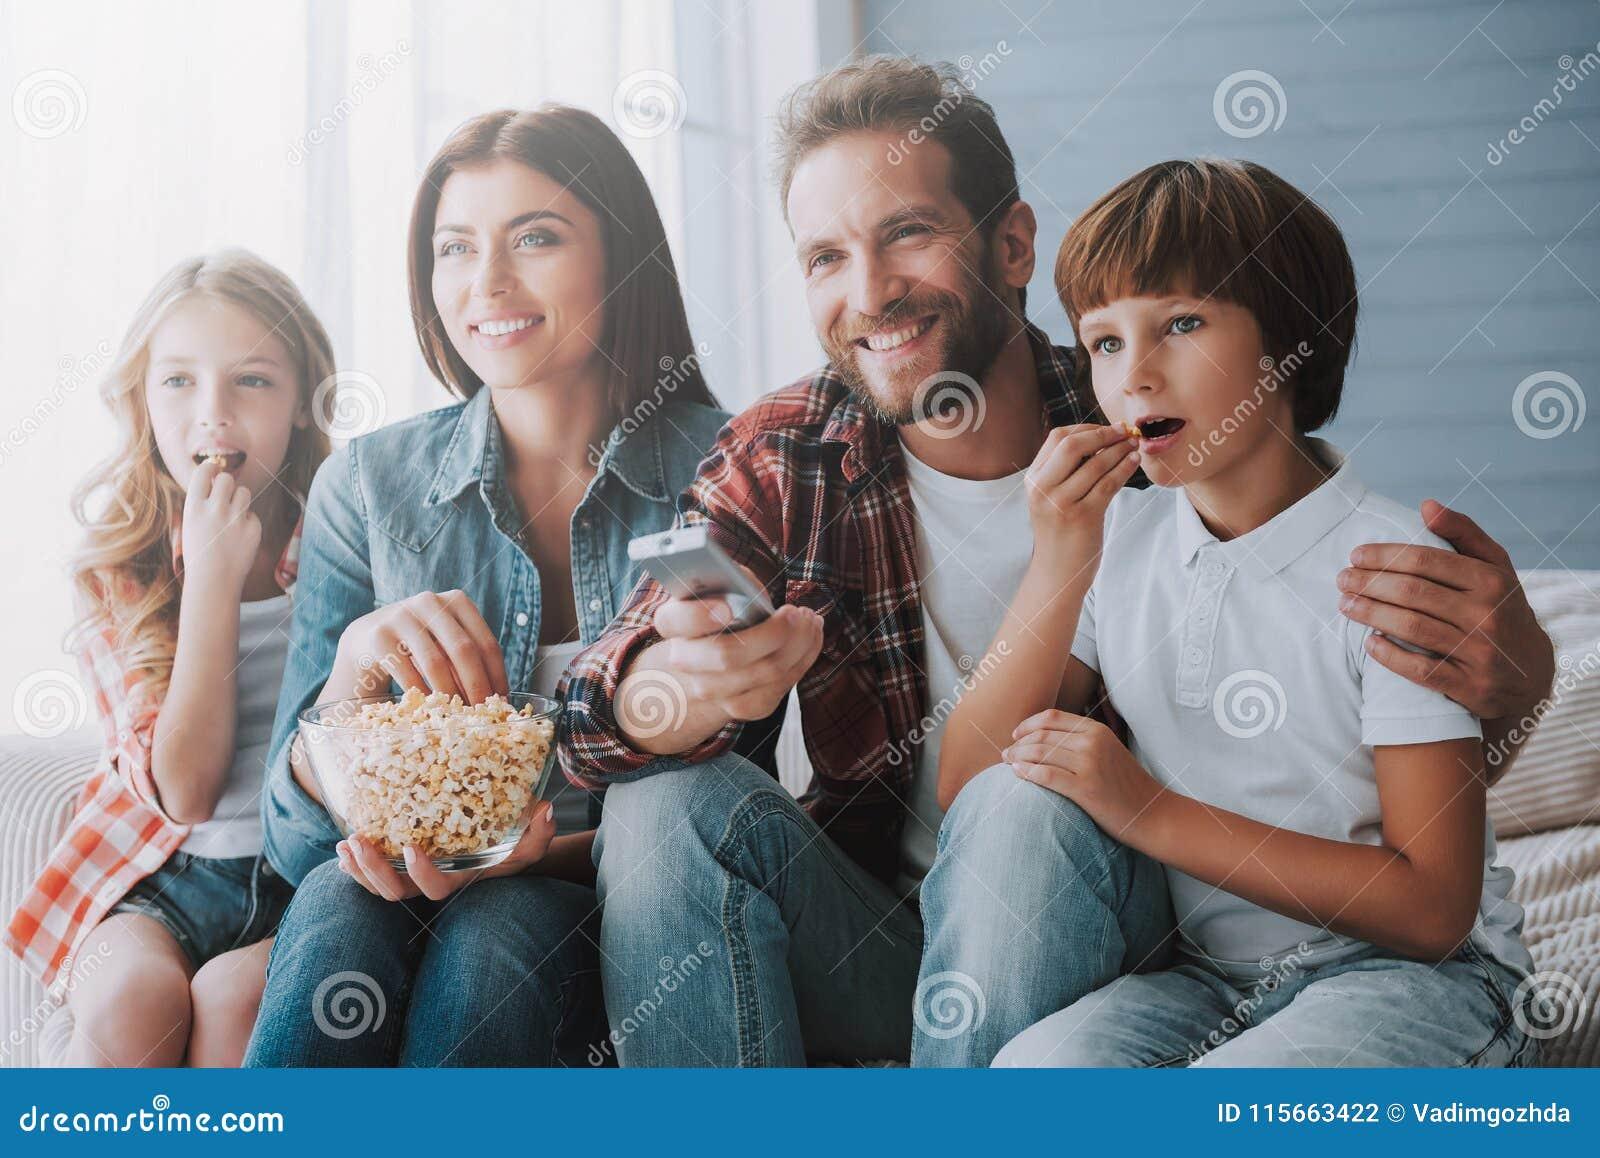 Aufpassender Film der glücklichen Familie zusammen und Popcorn essend während zu Hause